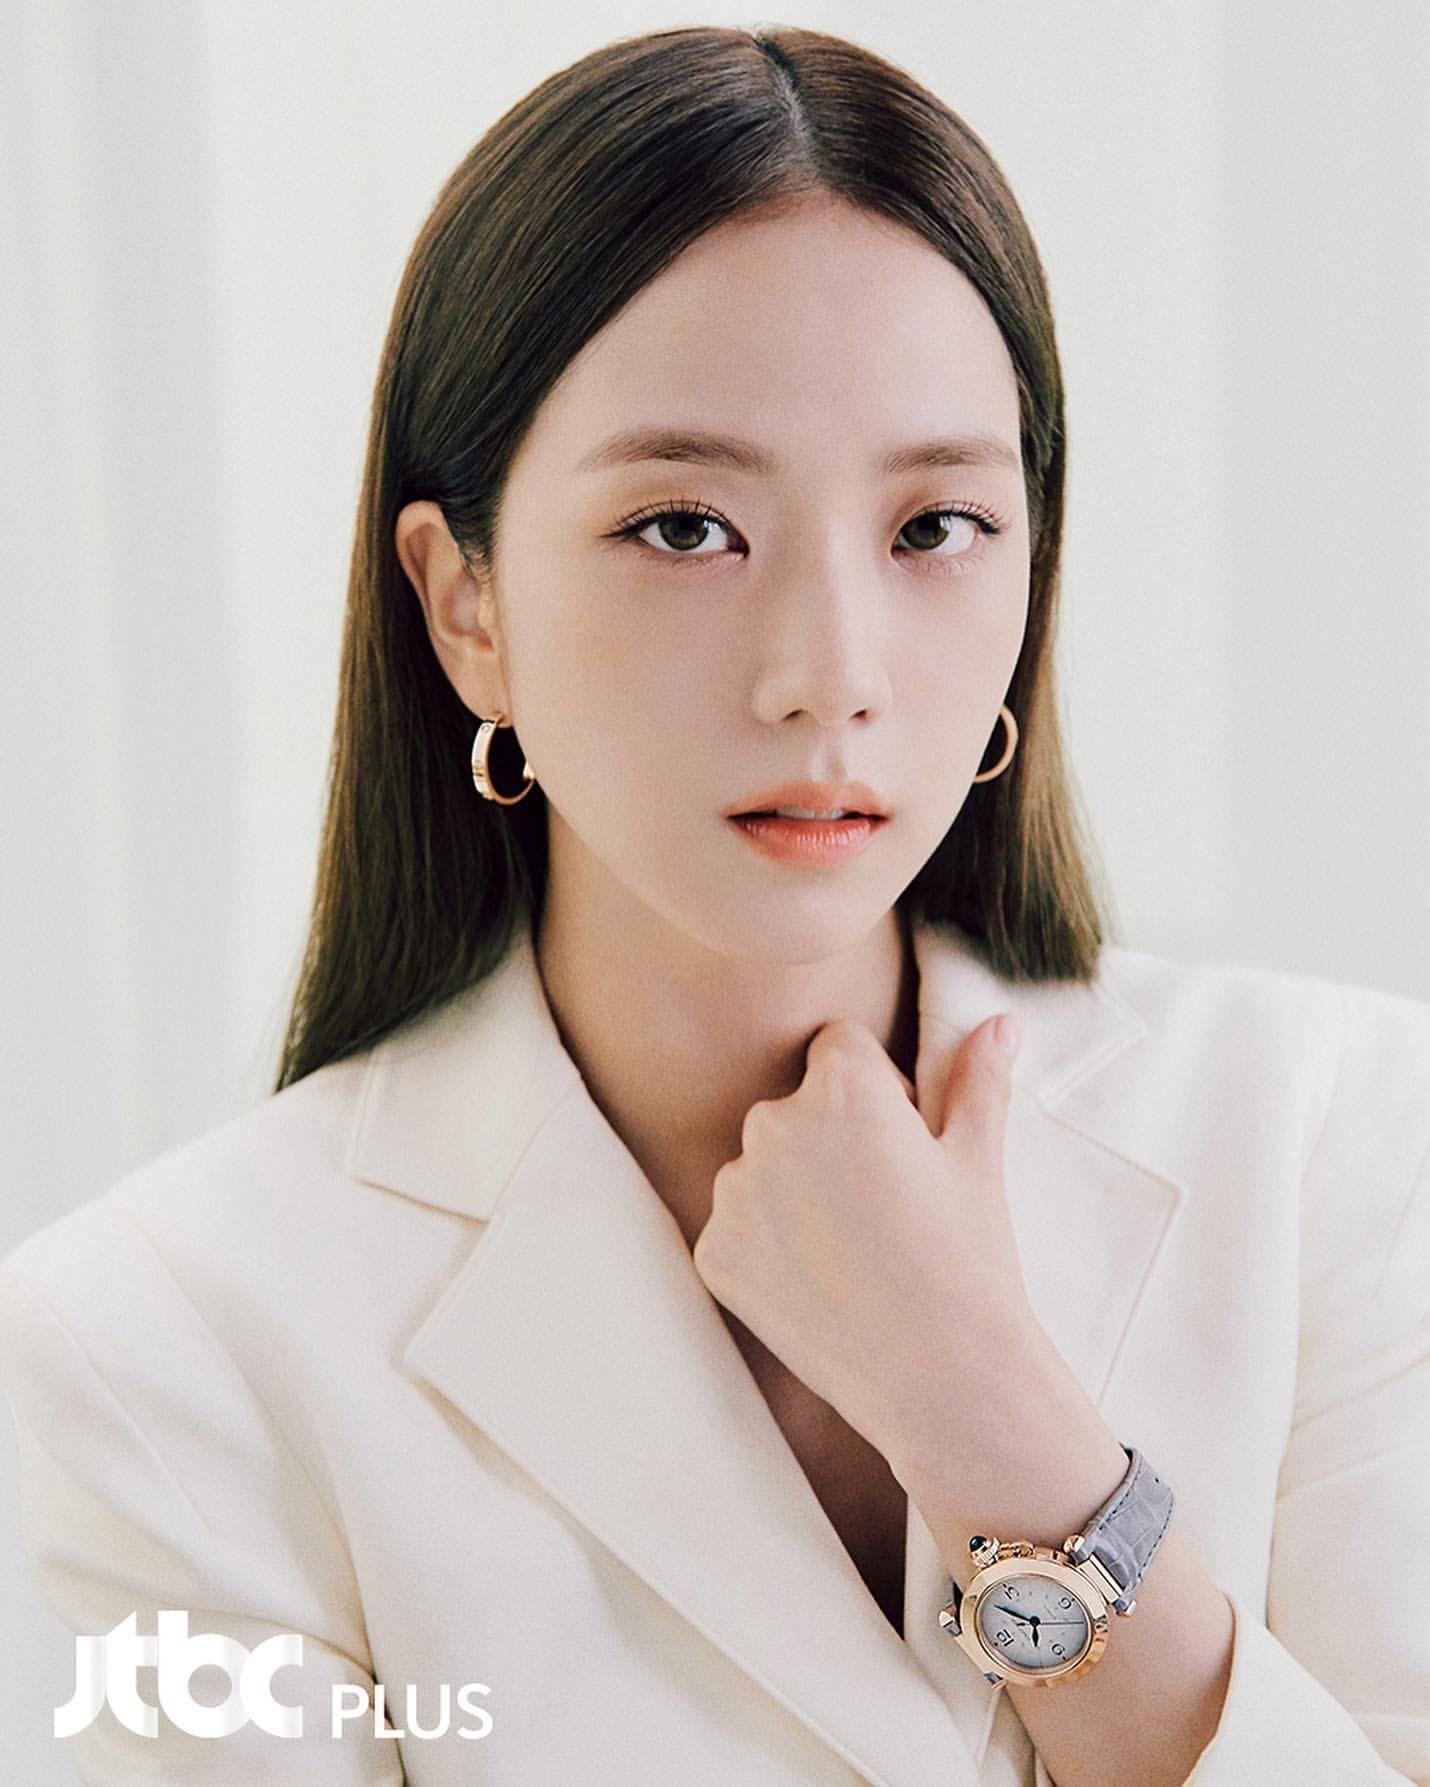 Tranh cãi nảy lửa: Biết là Jisoo xinh và sang nhưng cô hợp quảng cáo mỹ phẩm hay trang sức hơn? - Ảnh 6.